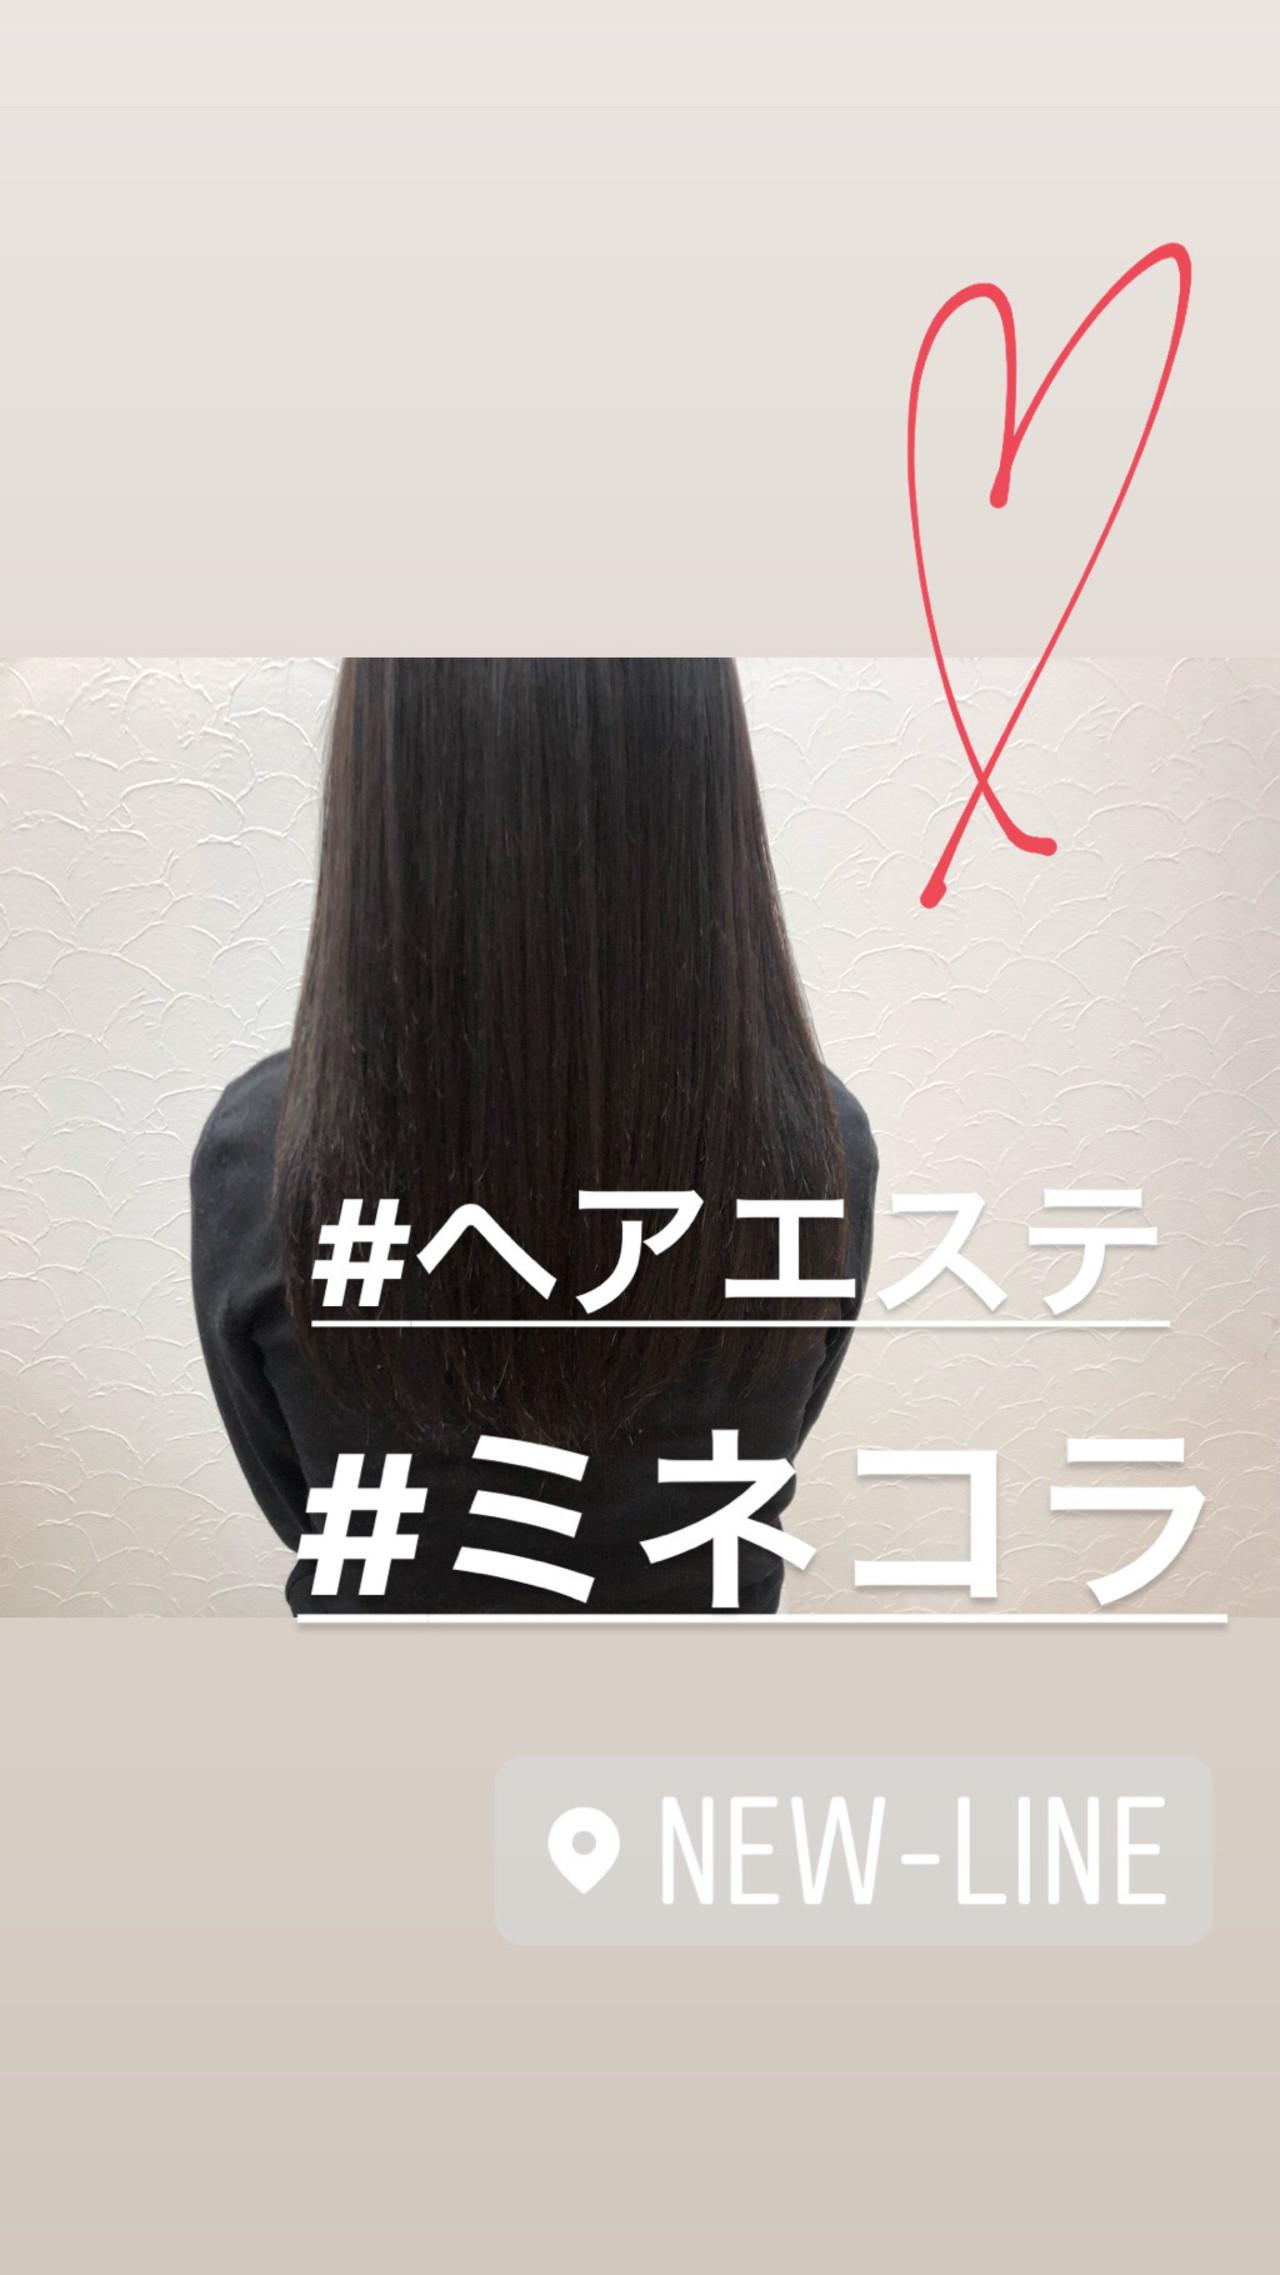 美髪 最新トリートメント ロング ナチュラル ヘアスタイルや髪型の写真・画像 | YUKA / NEWLINE